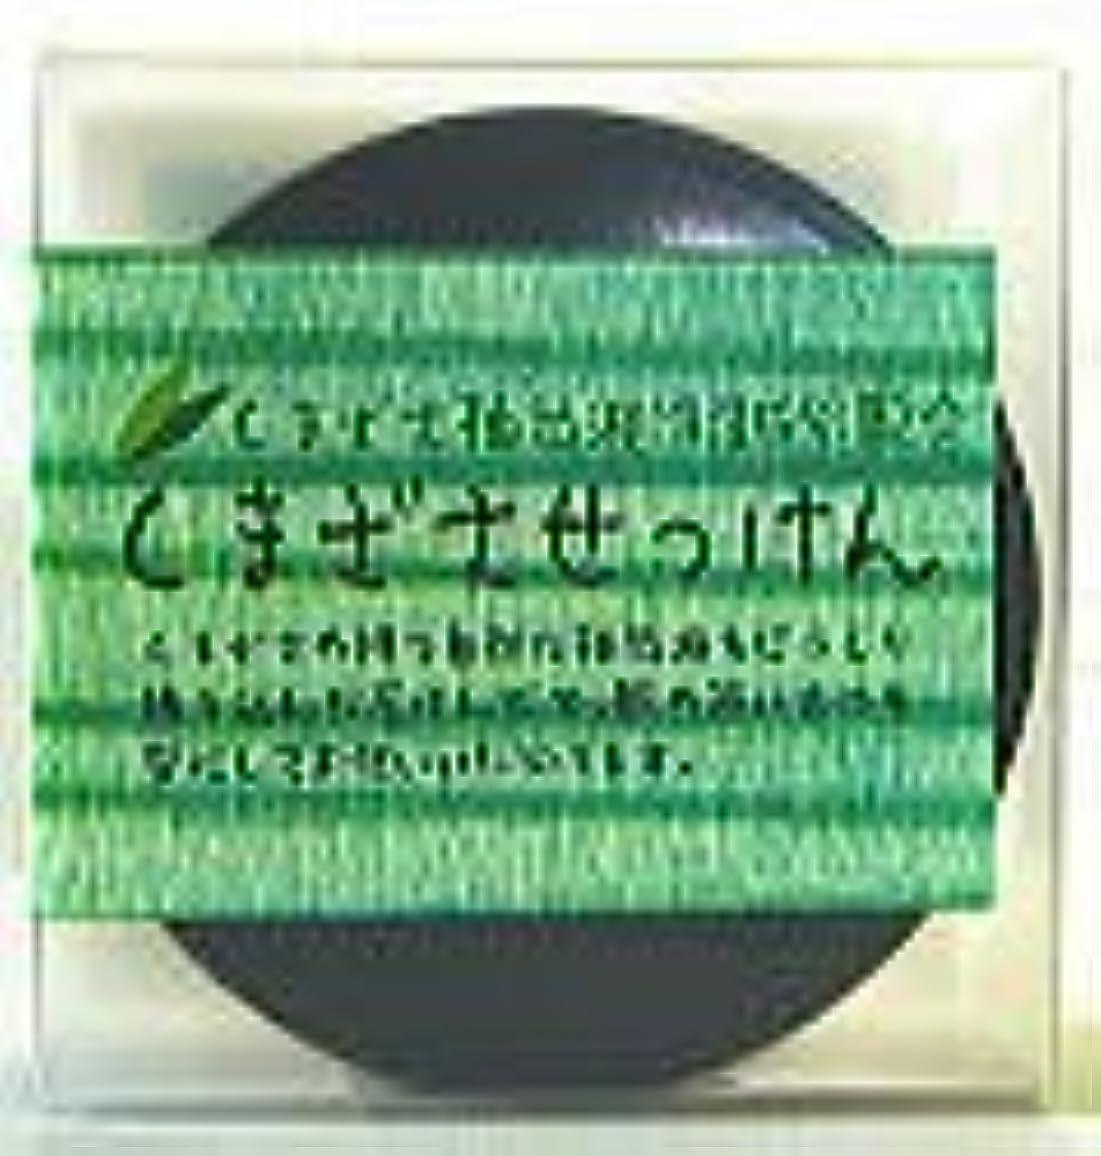 インシュレータ土曜日シャワーサンクロン クマザサ石鹸 100g×3